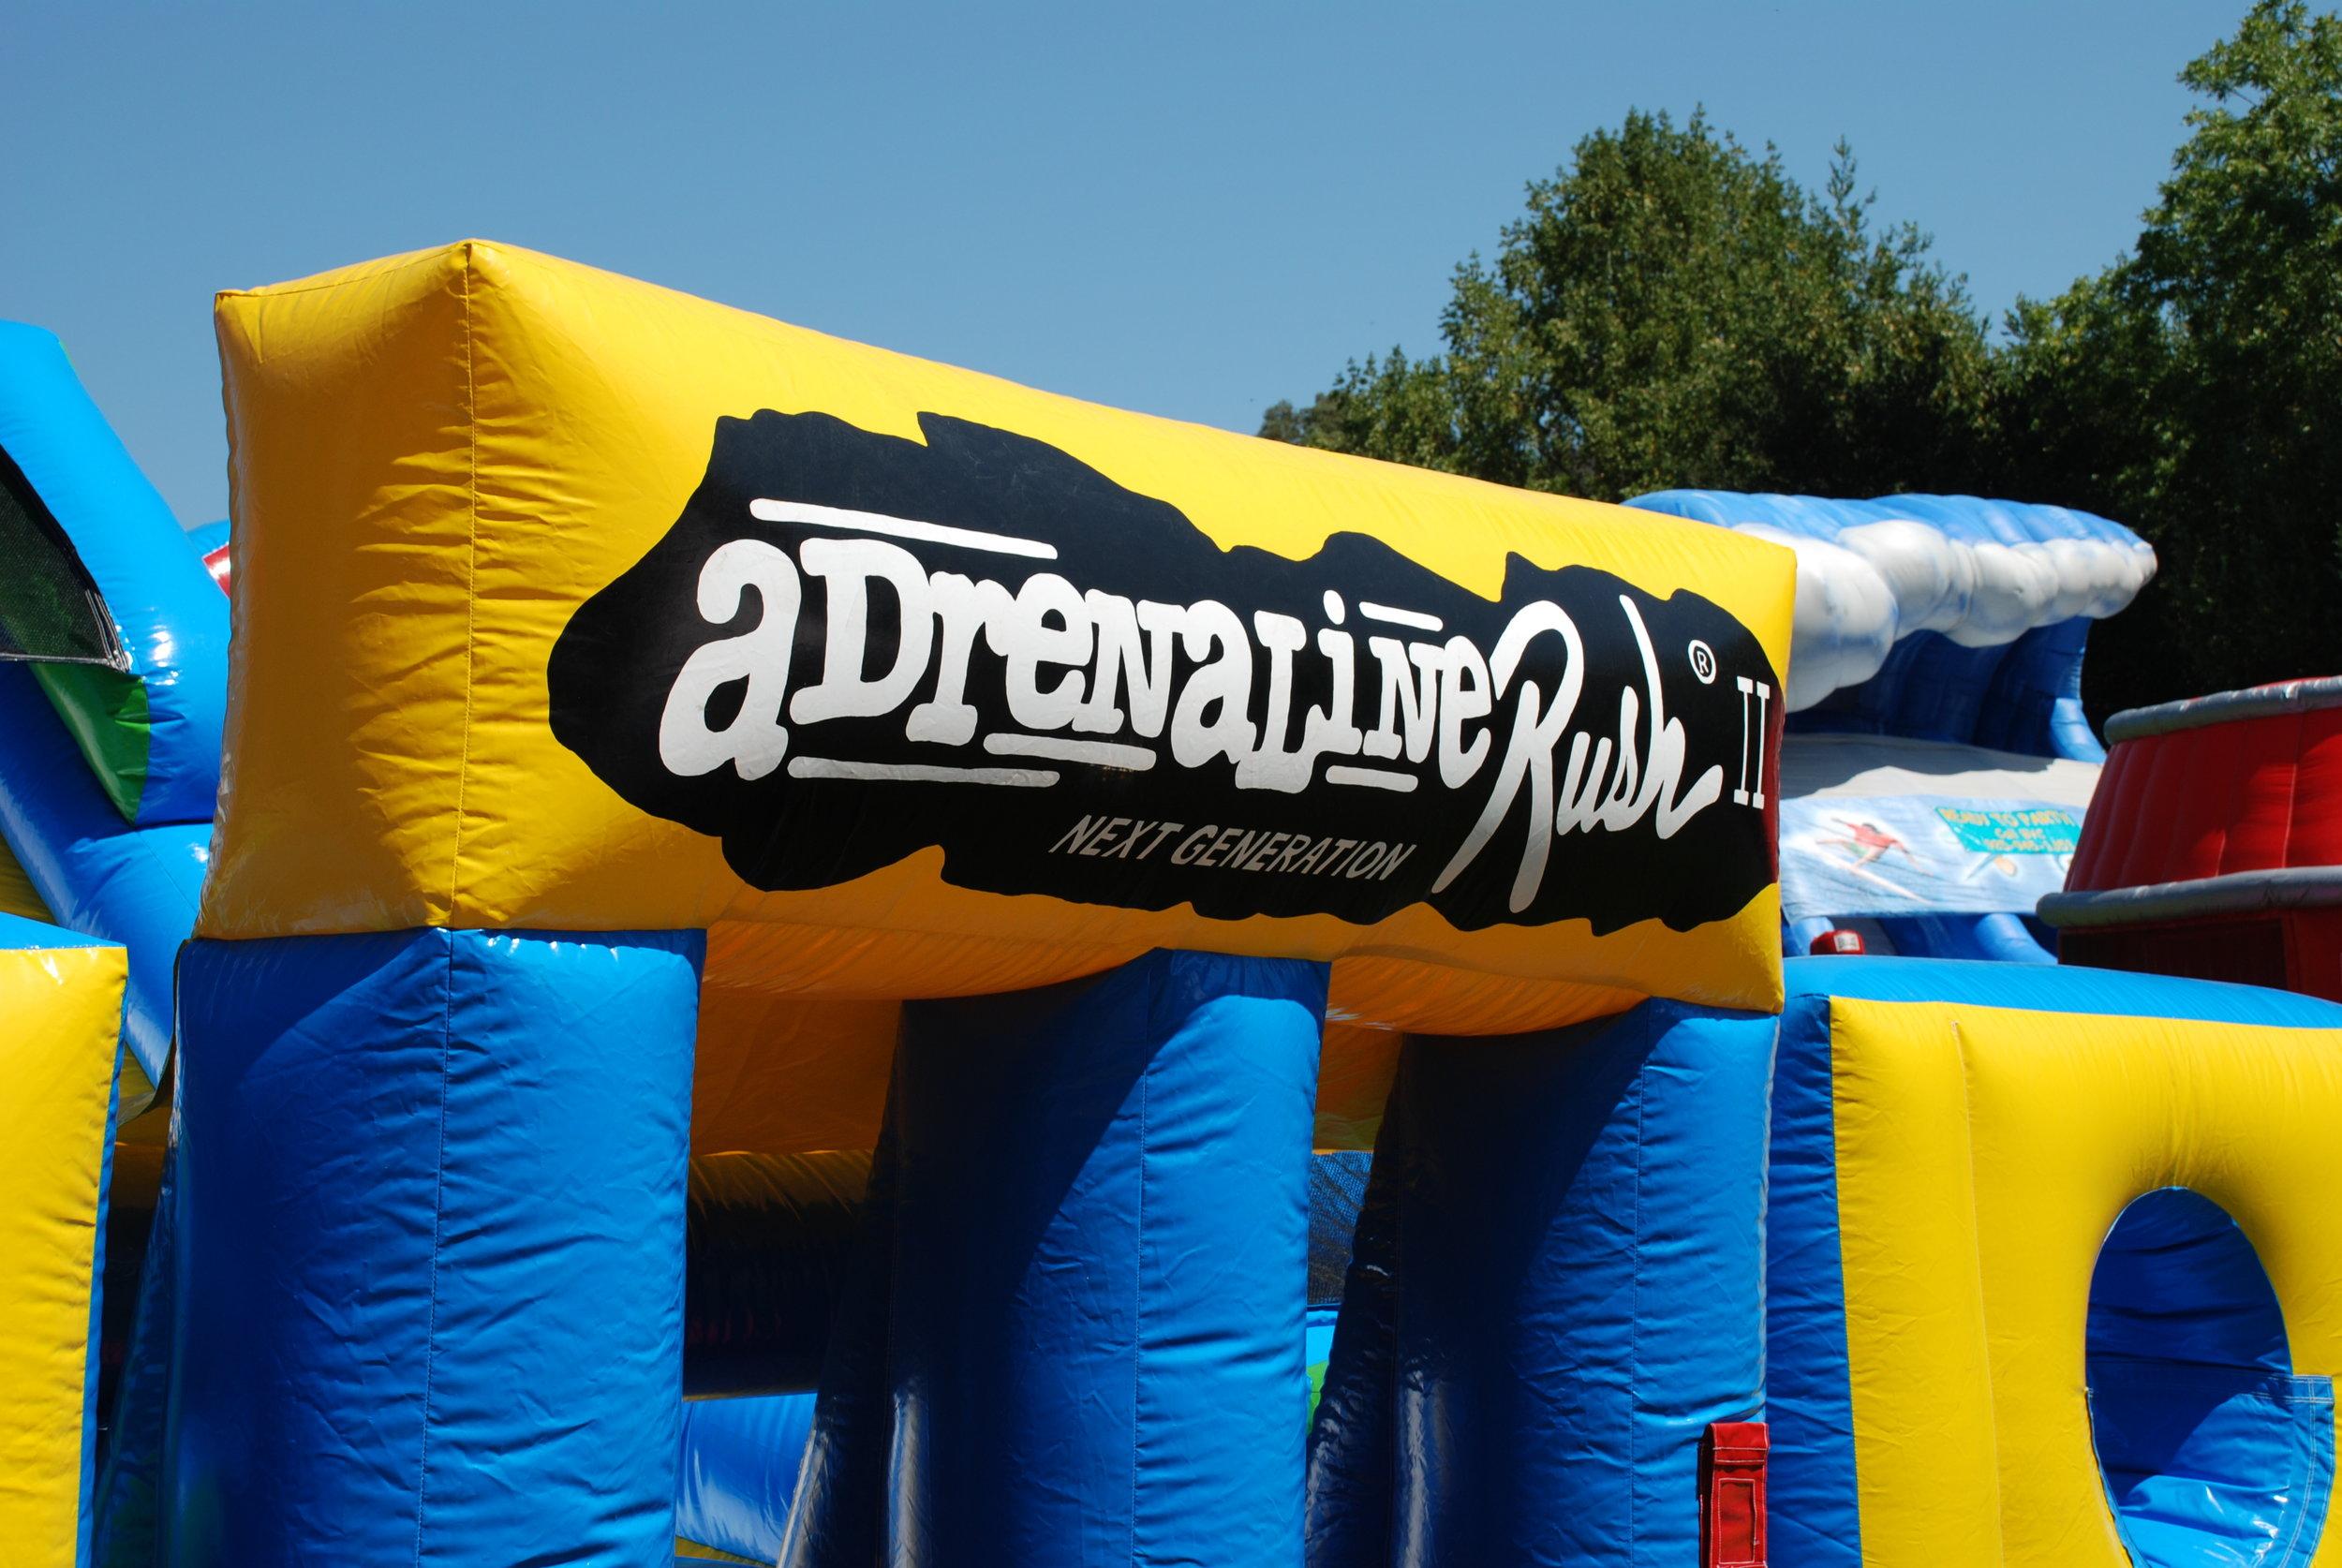 BYC Adrenaline Rush 004.jpg